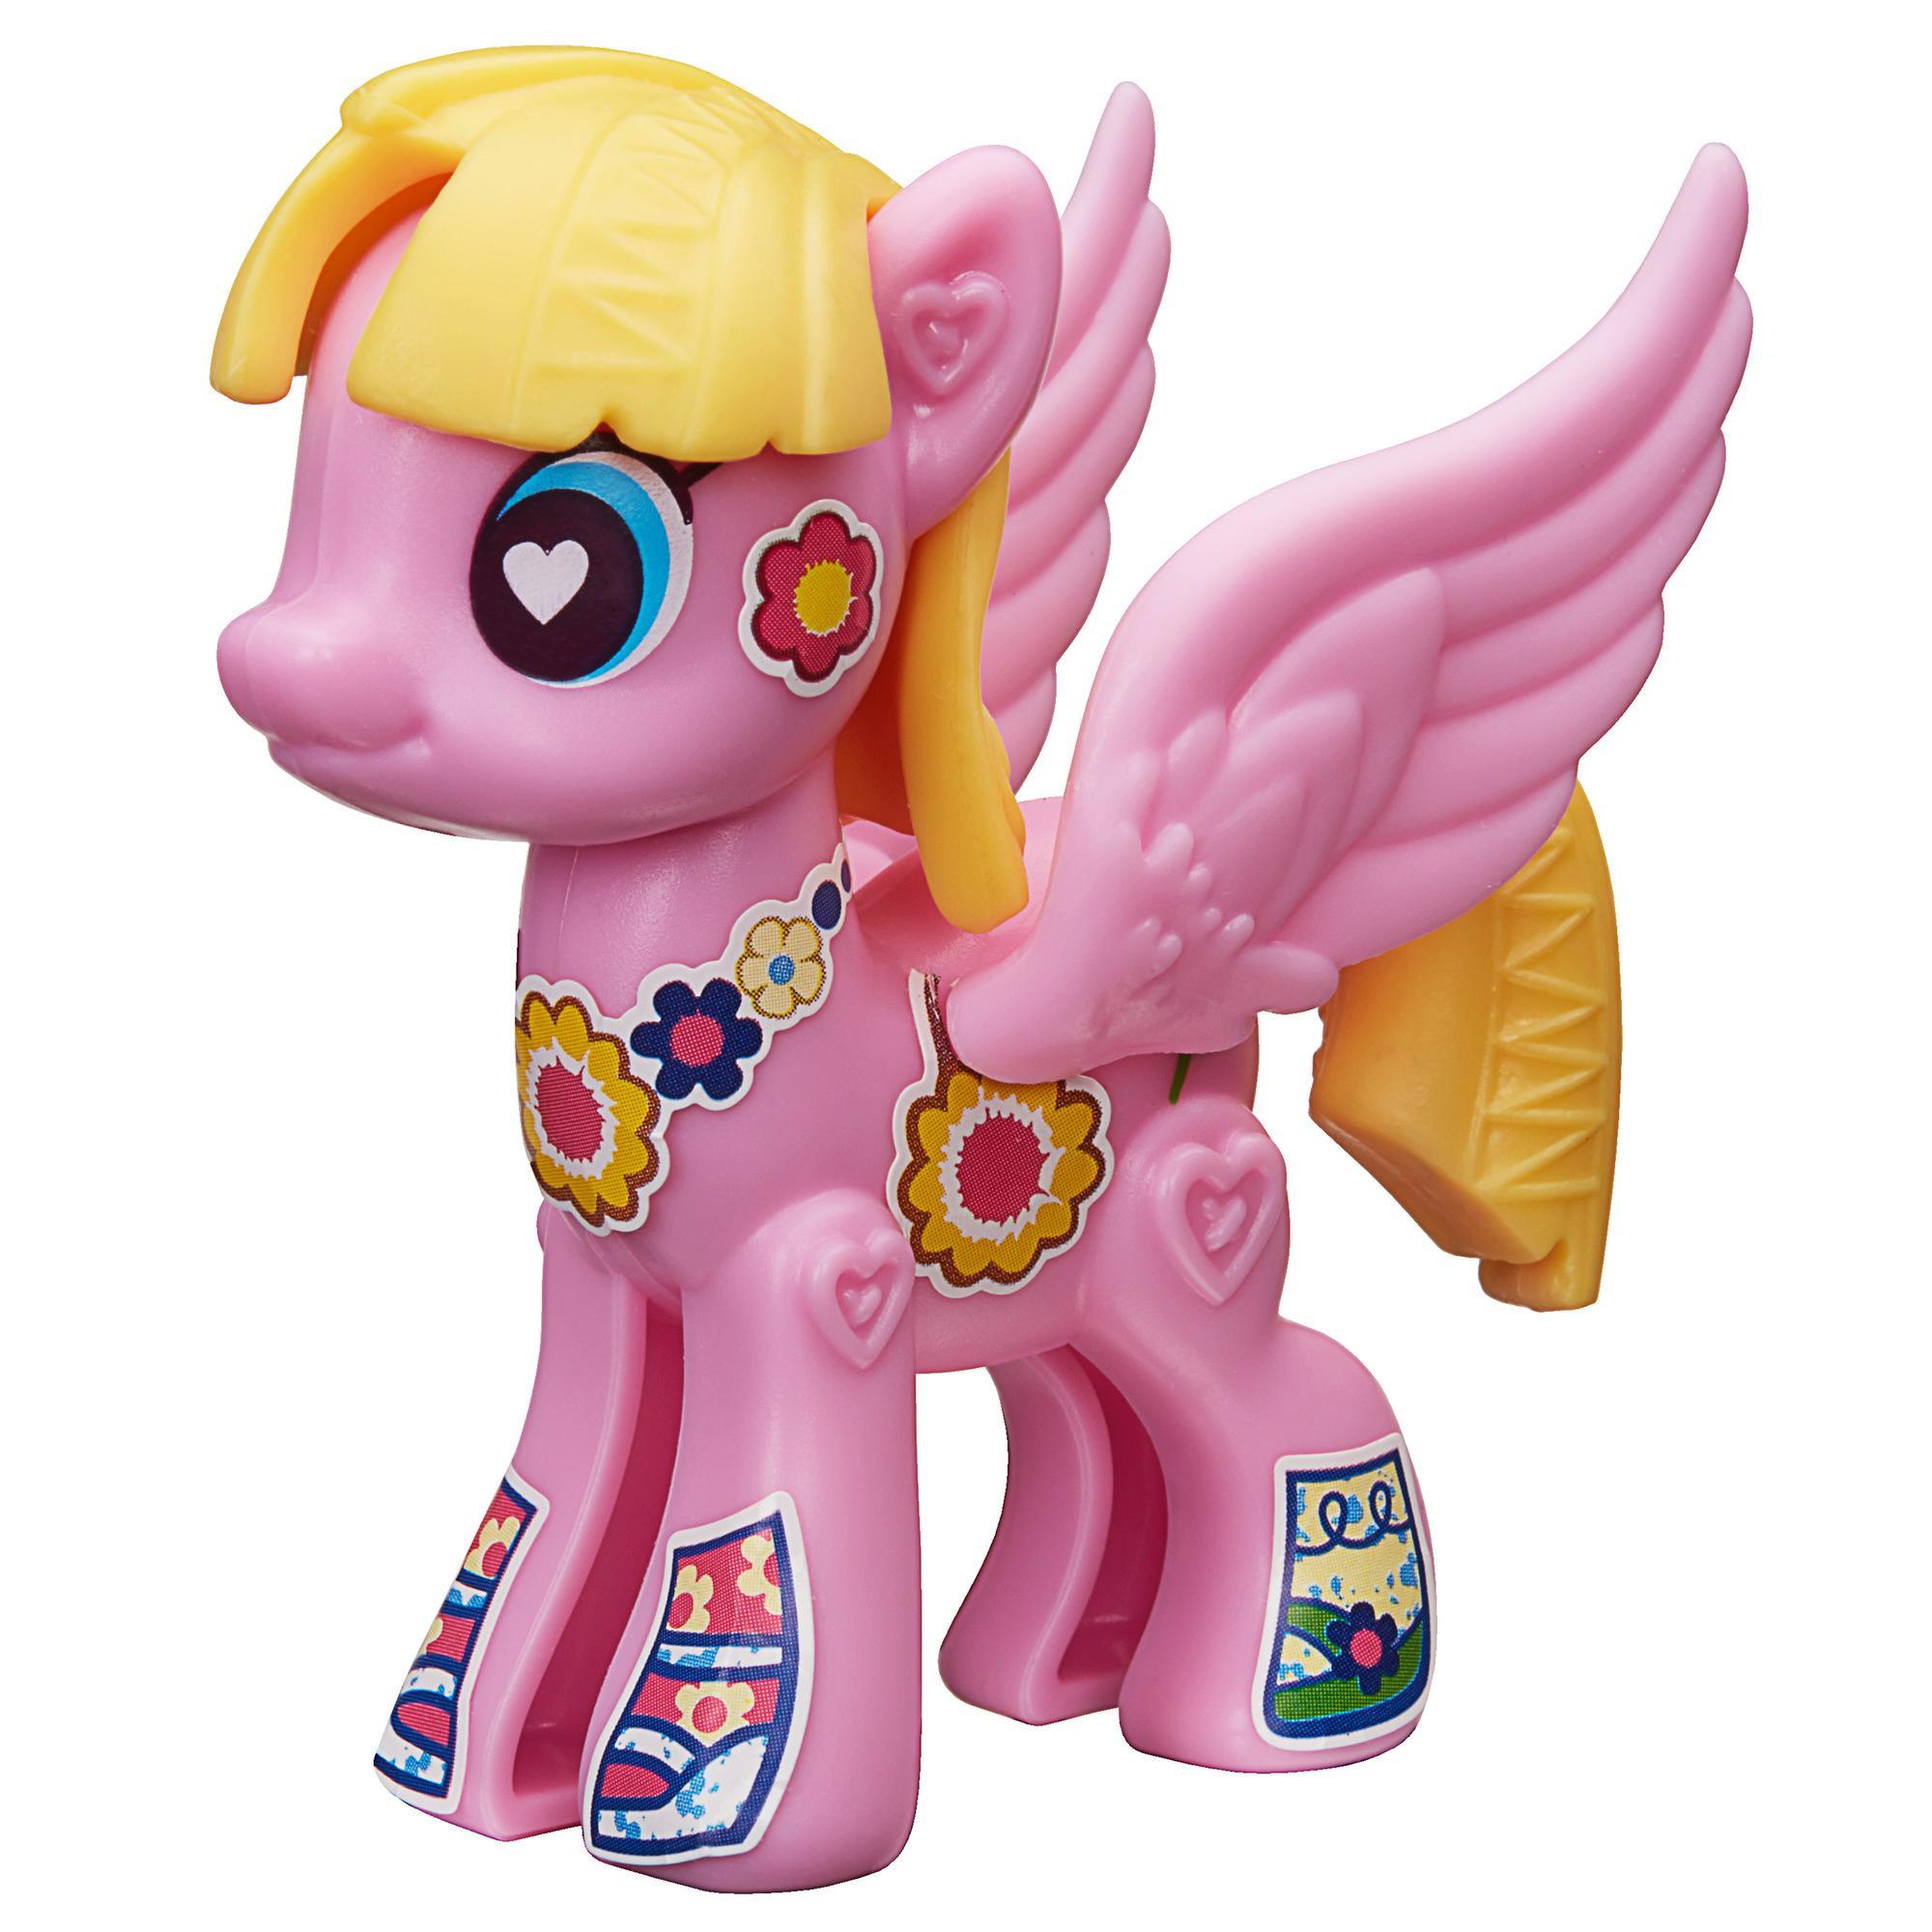 Набор из серии My Little Pony: Создай свою пони - Медоу ФлауэрМоя маленькая пони (My Little Pony)<br>Набор из серии My Little Pony: Создай свою пони - Медоу Флауэр<br>